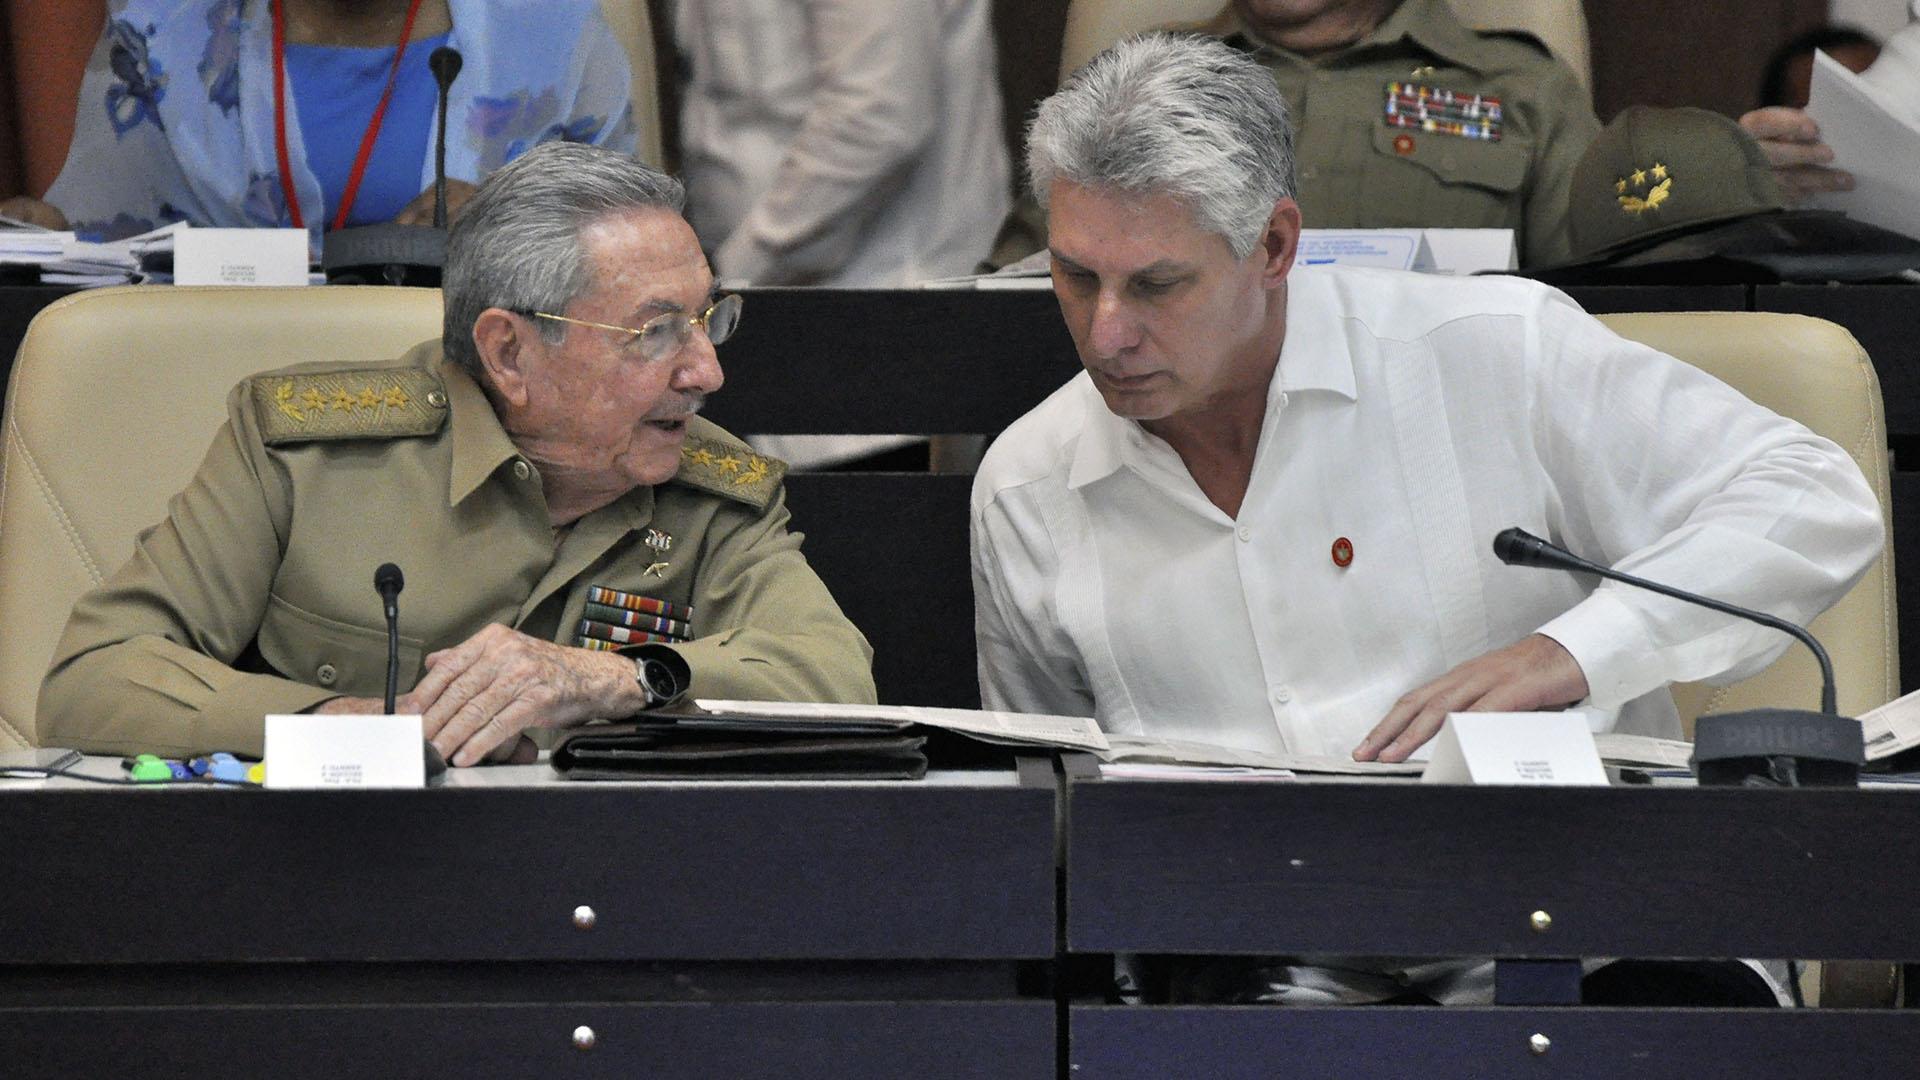 Resultado de imagen para El Gobierno estadounidense anunció este viernes nuevas medidas que limitan a 1.000 dólares por trimestre la cantidad que los cubanos residentes en su territorio pueden enviar a sus familiares en Cuba a través de remesas.